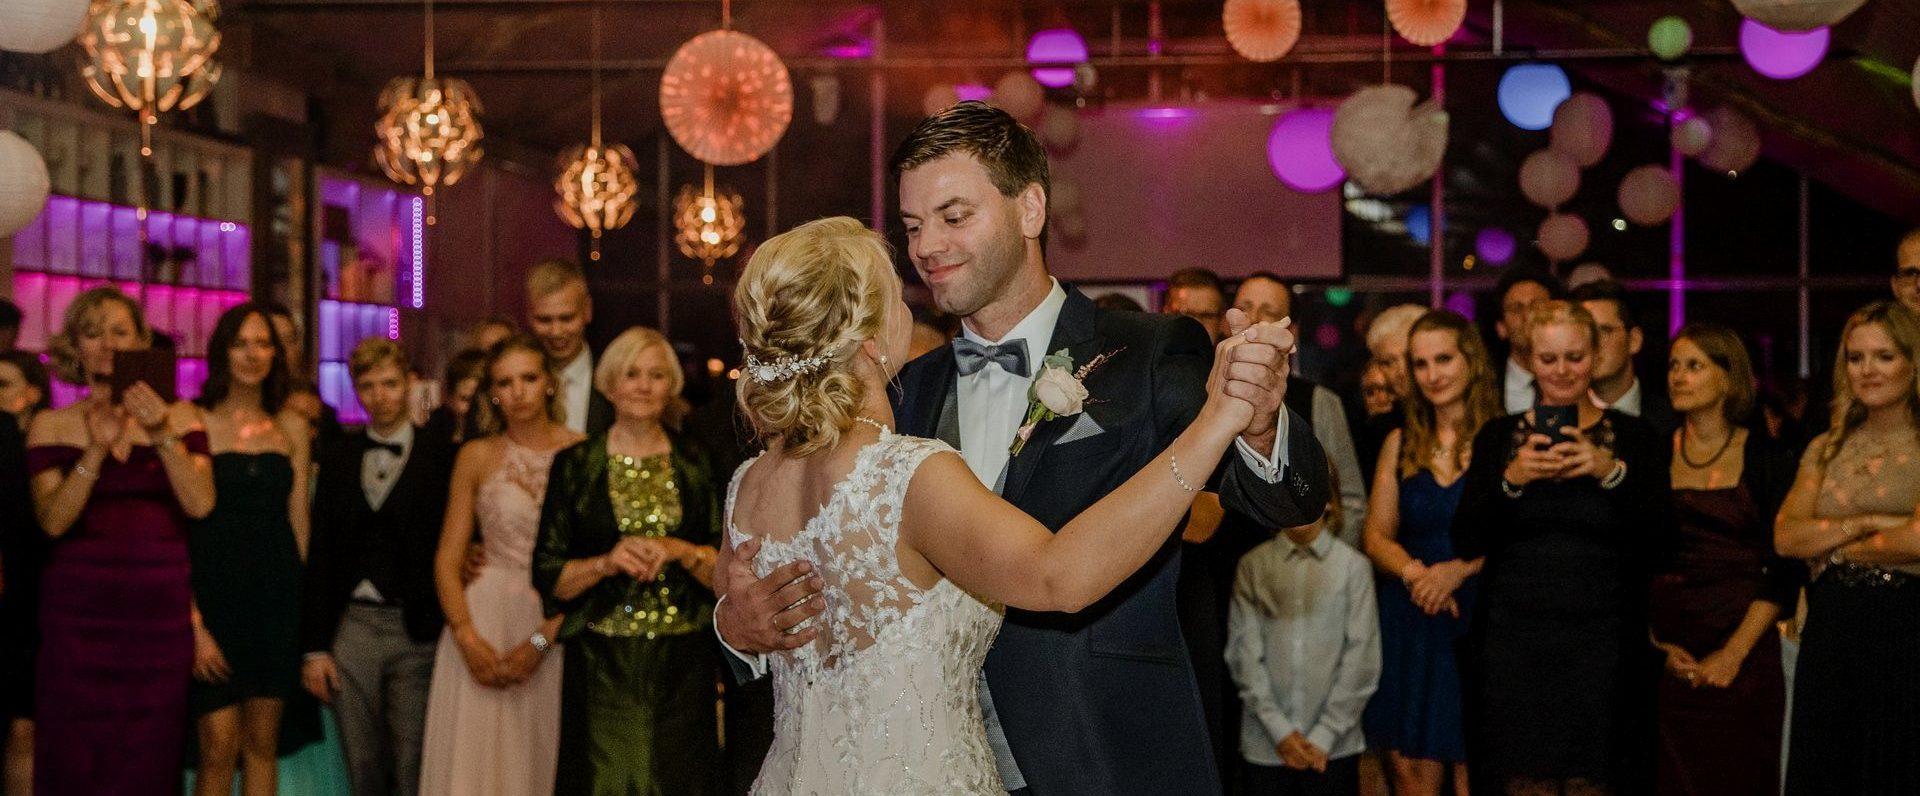 Hochzeitsfotografie Glashaus Cremon Tanz des Brautpaars Bargteheide